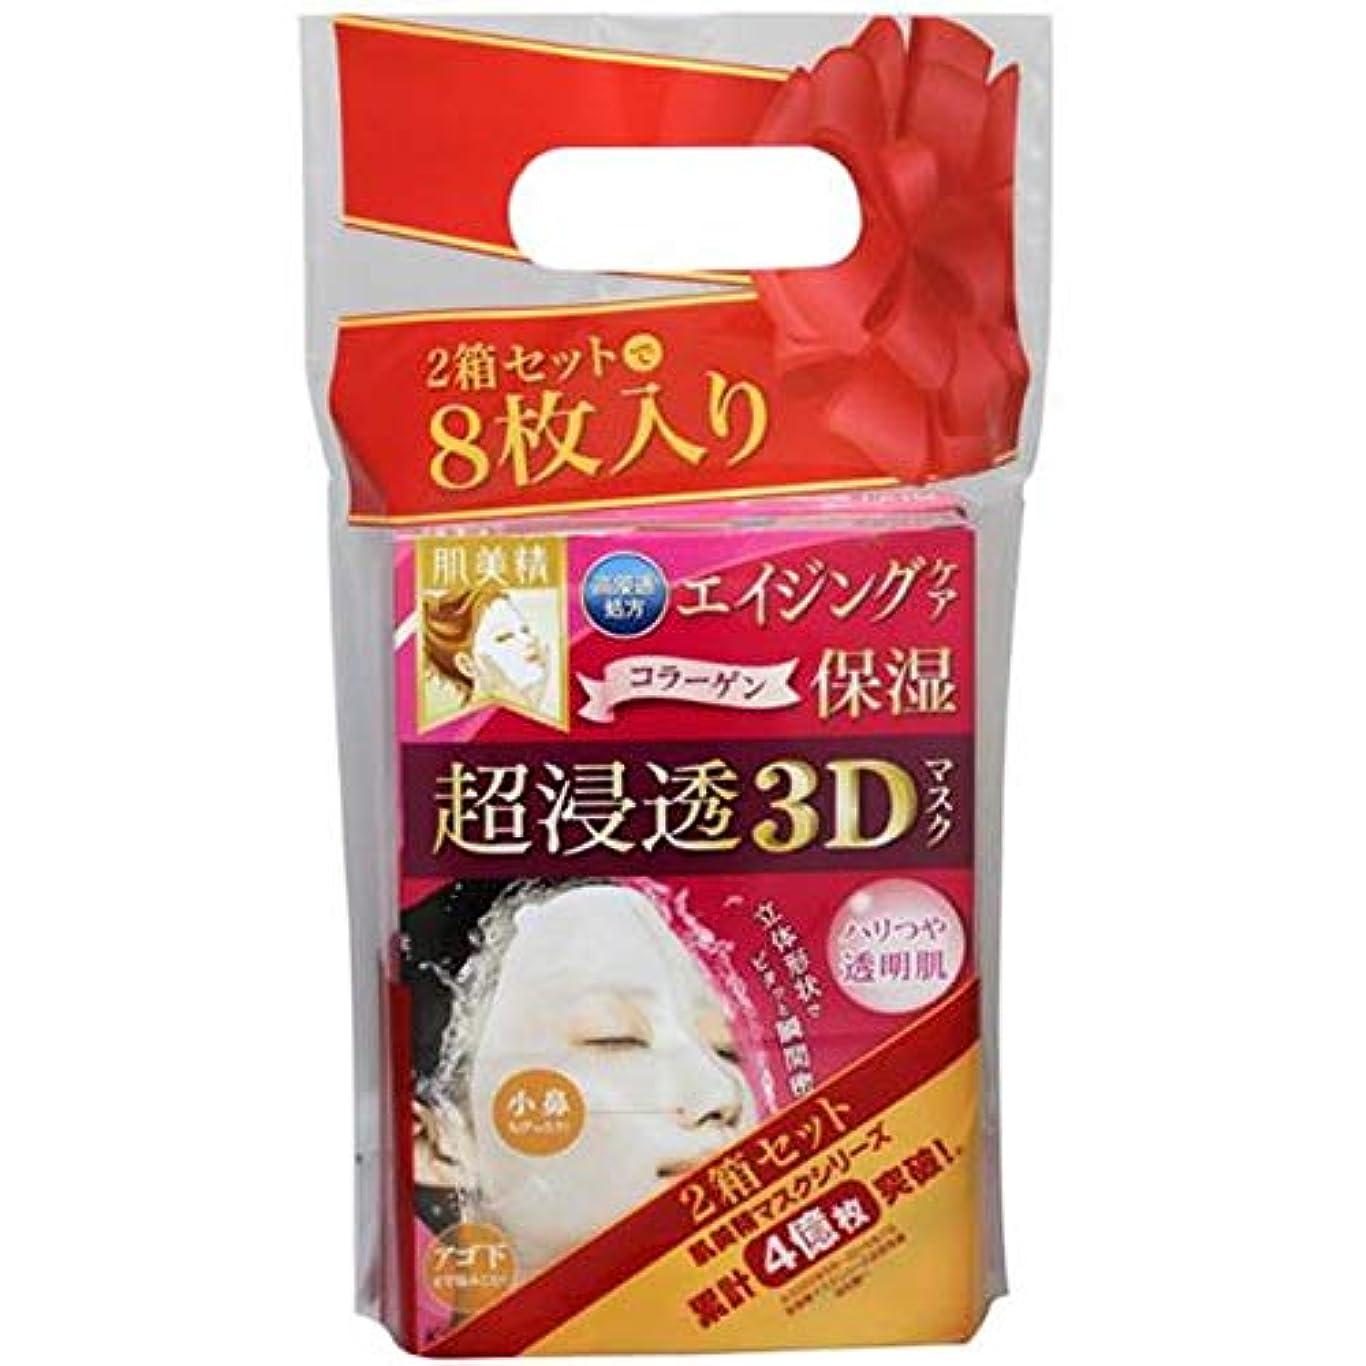 打ち上げるに話す体現する【数量限定!お買い得セット!】肌美精 超浸透3Dマスク エイジングケア保湿 2個セット